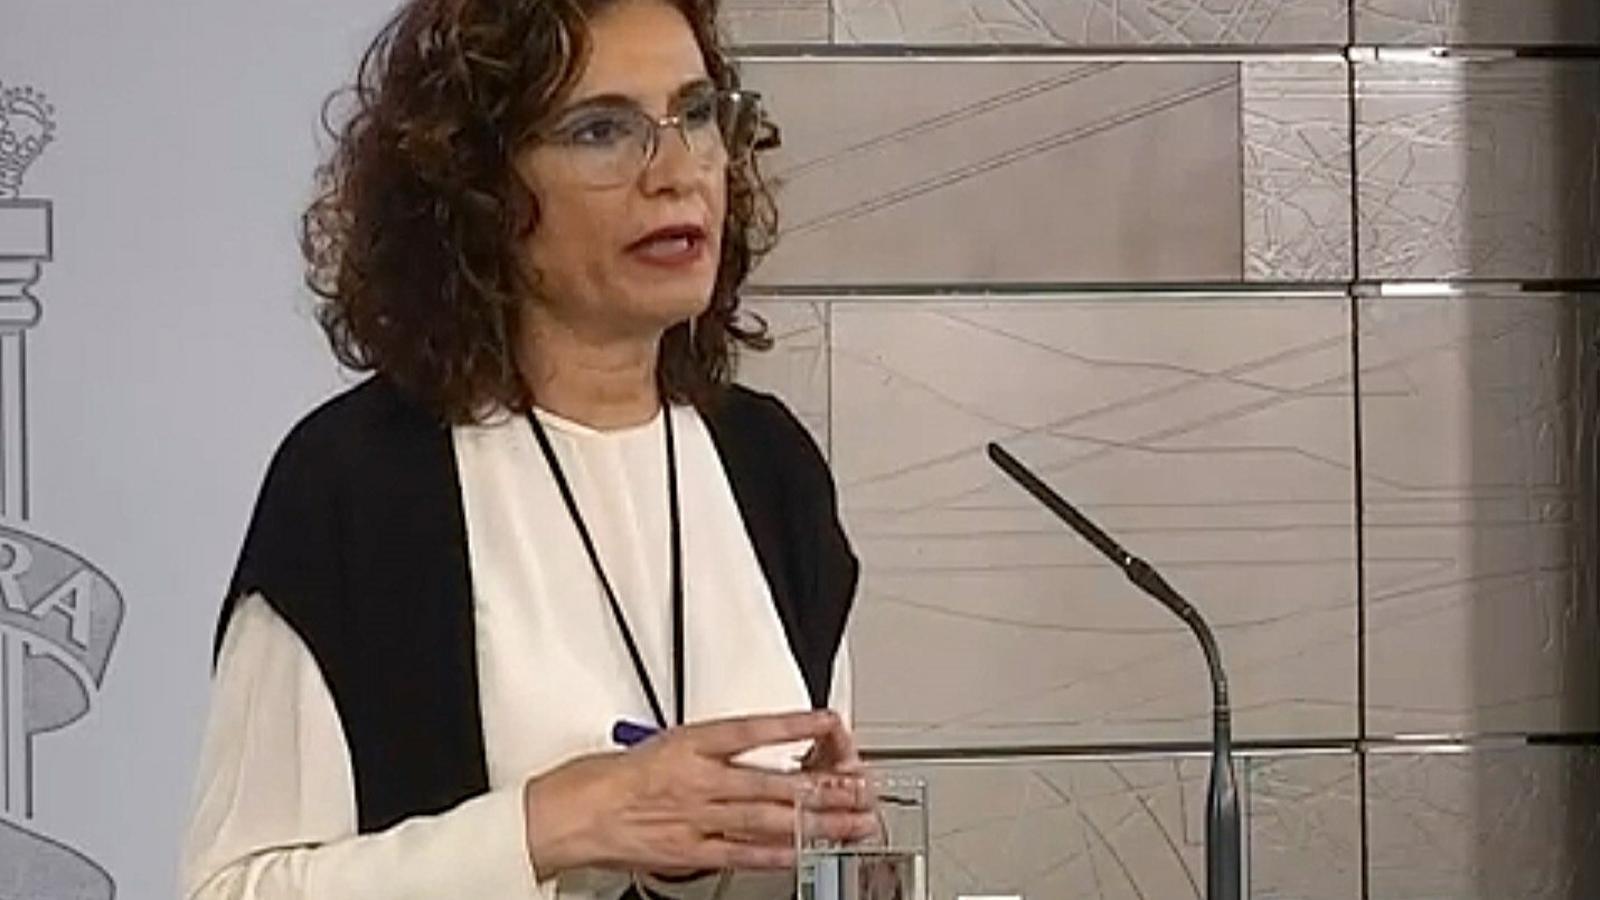 DIRECTE: Roda de premsa de la portaveu del govern espanyol, María Jesús Montero